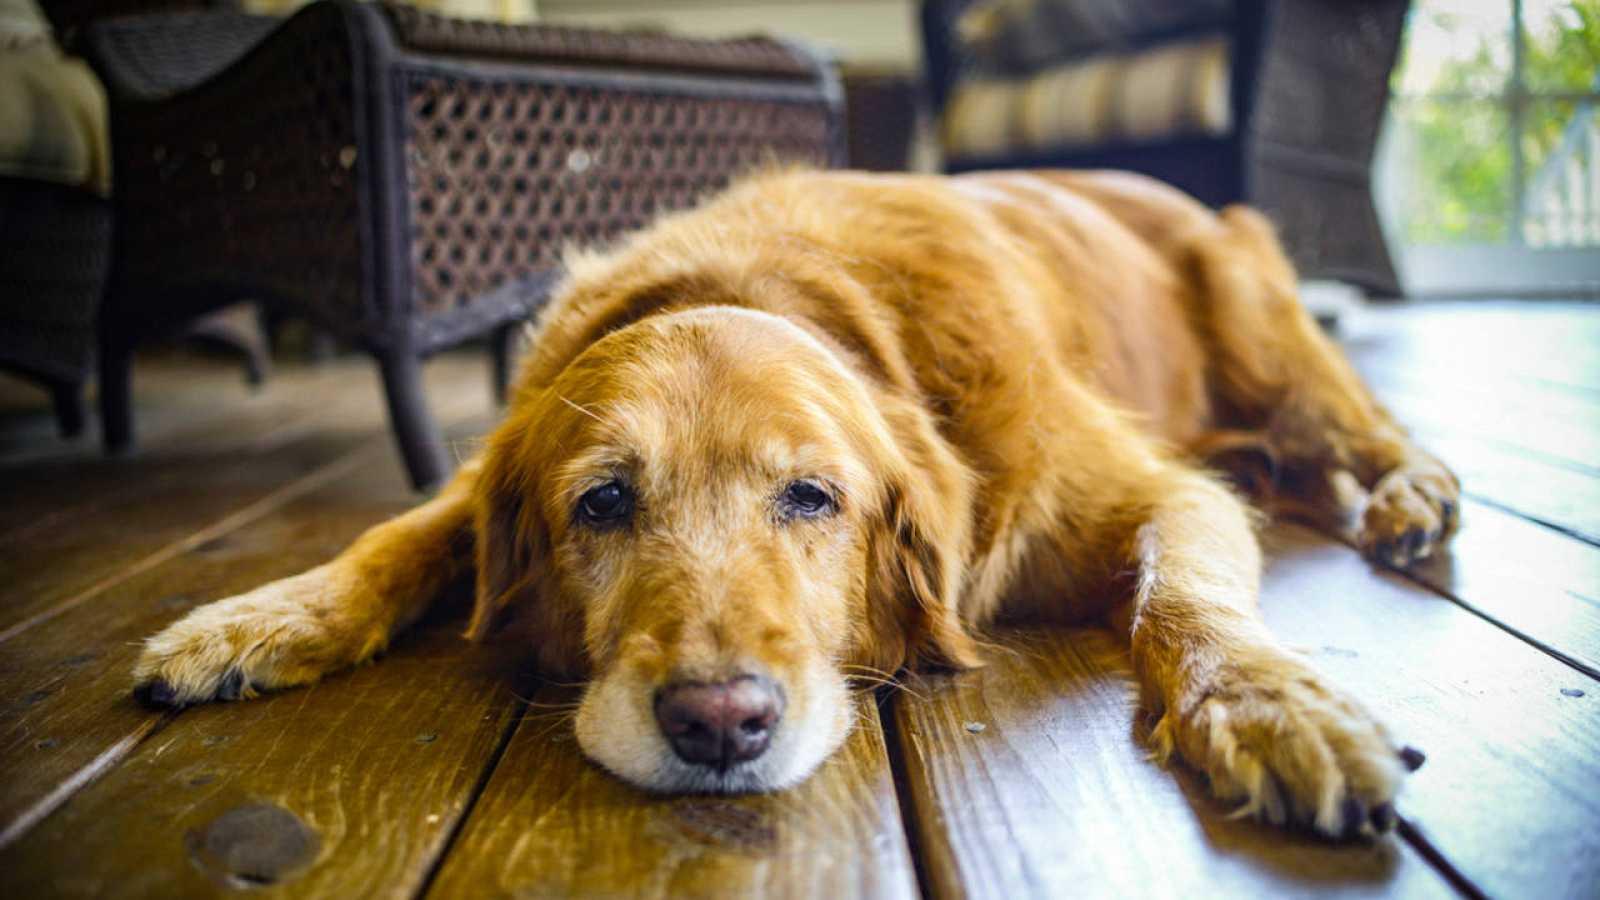 Según los investigadores, los perros desarrollan demencia de forma similar a los humanos.